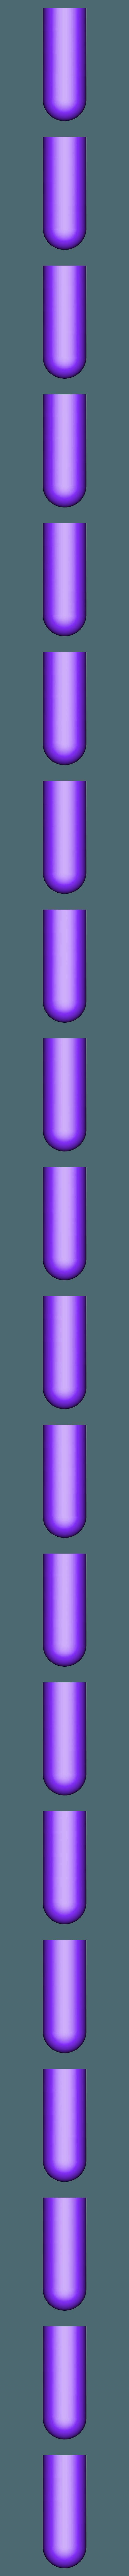 1904-07_Part03.stl Télécharger fichier STL gratuit Serrure imprimée 3D • Objet imprimable en 3D, EL3D